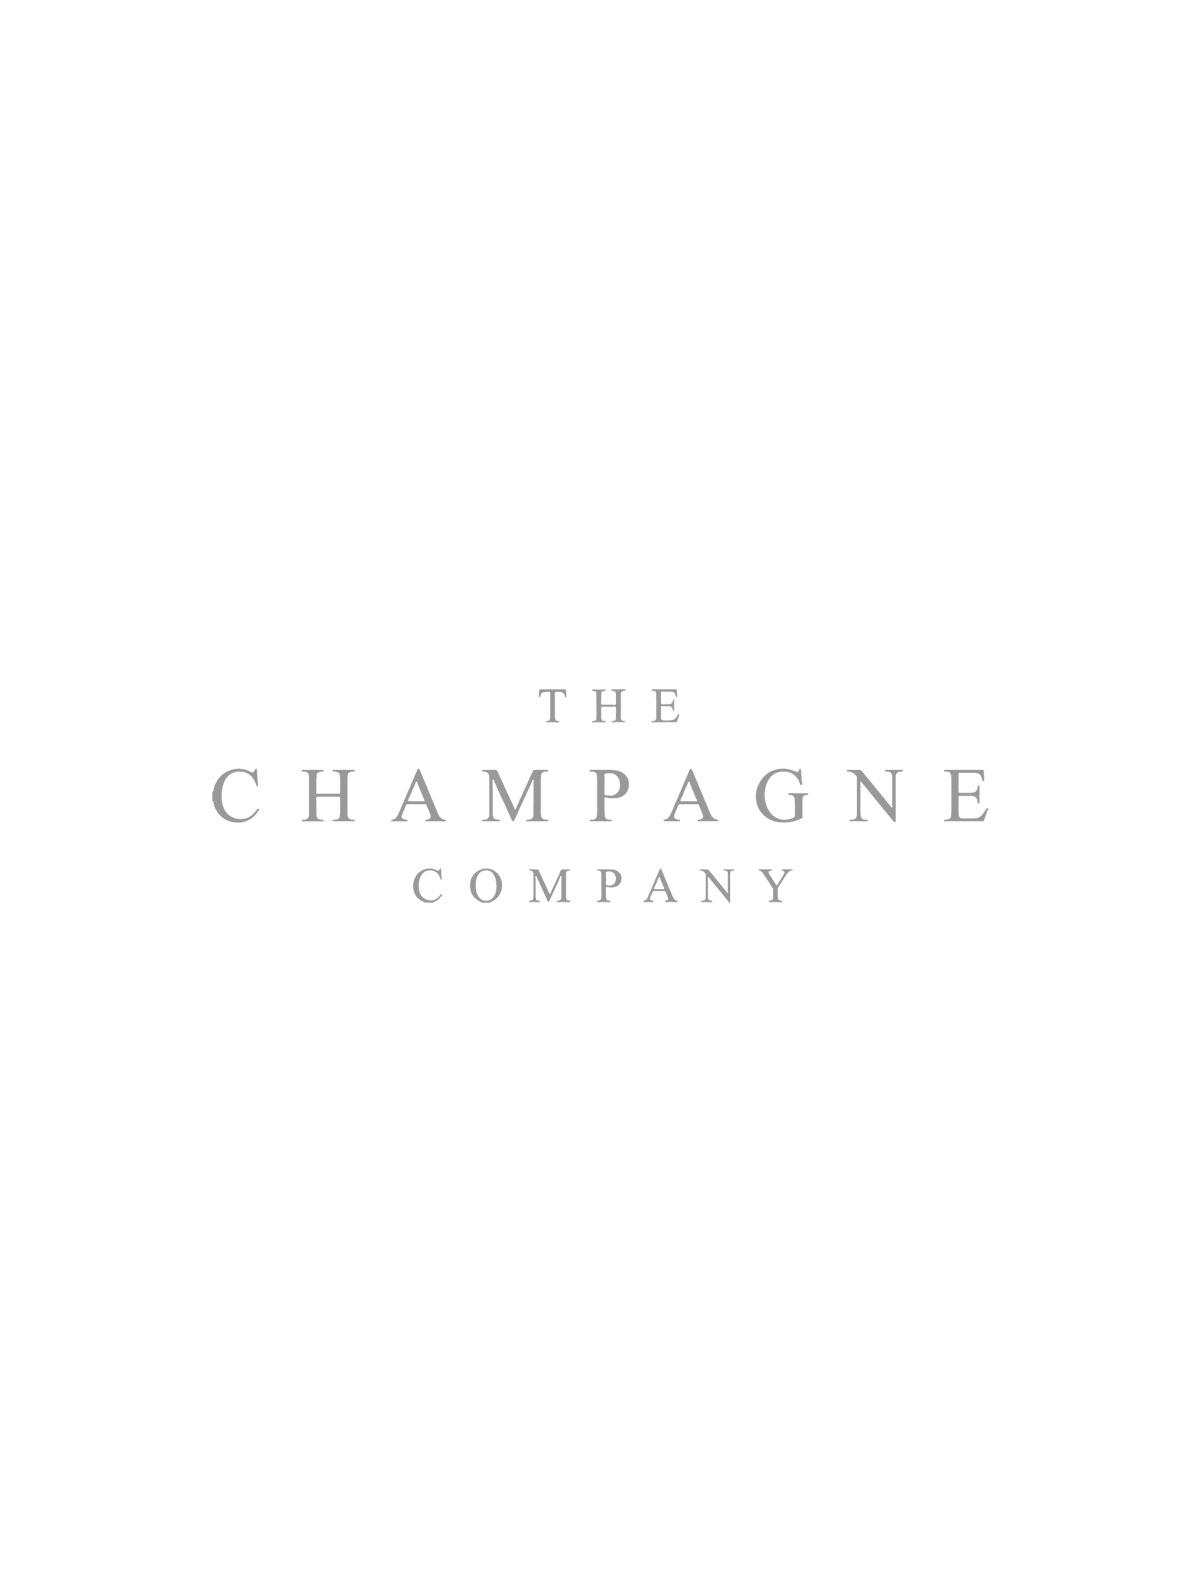 Querciabella Chianti Classico 2011 Italy Red Wine 37.5cl